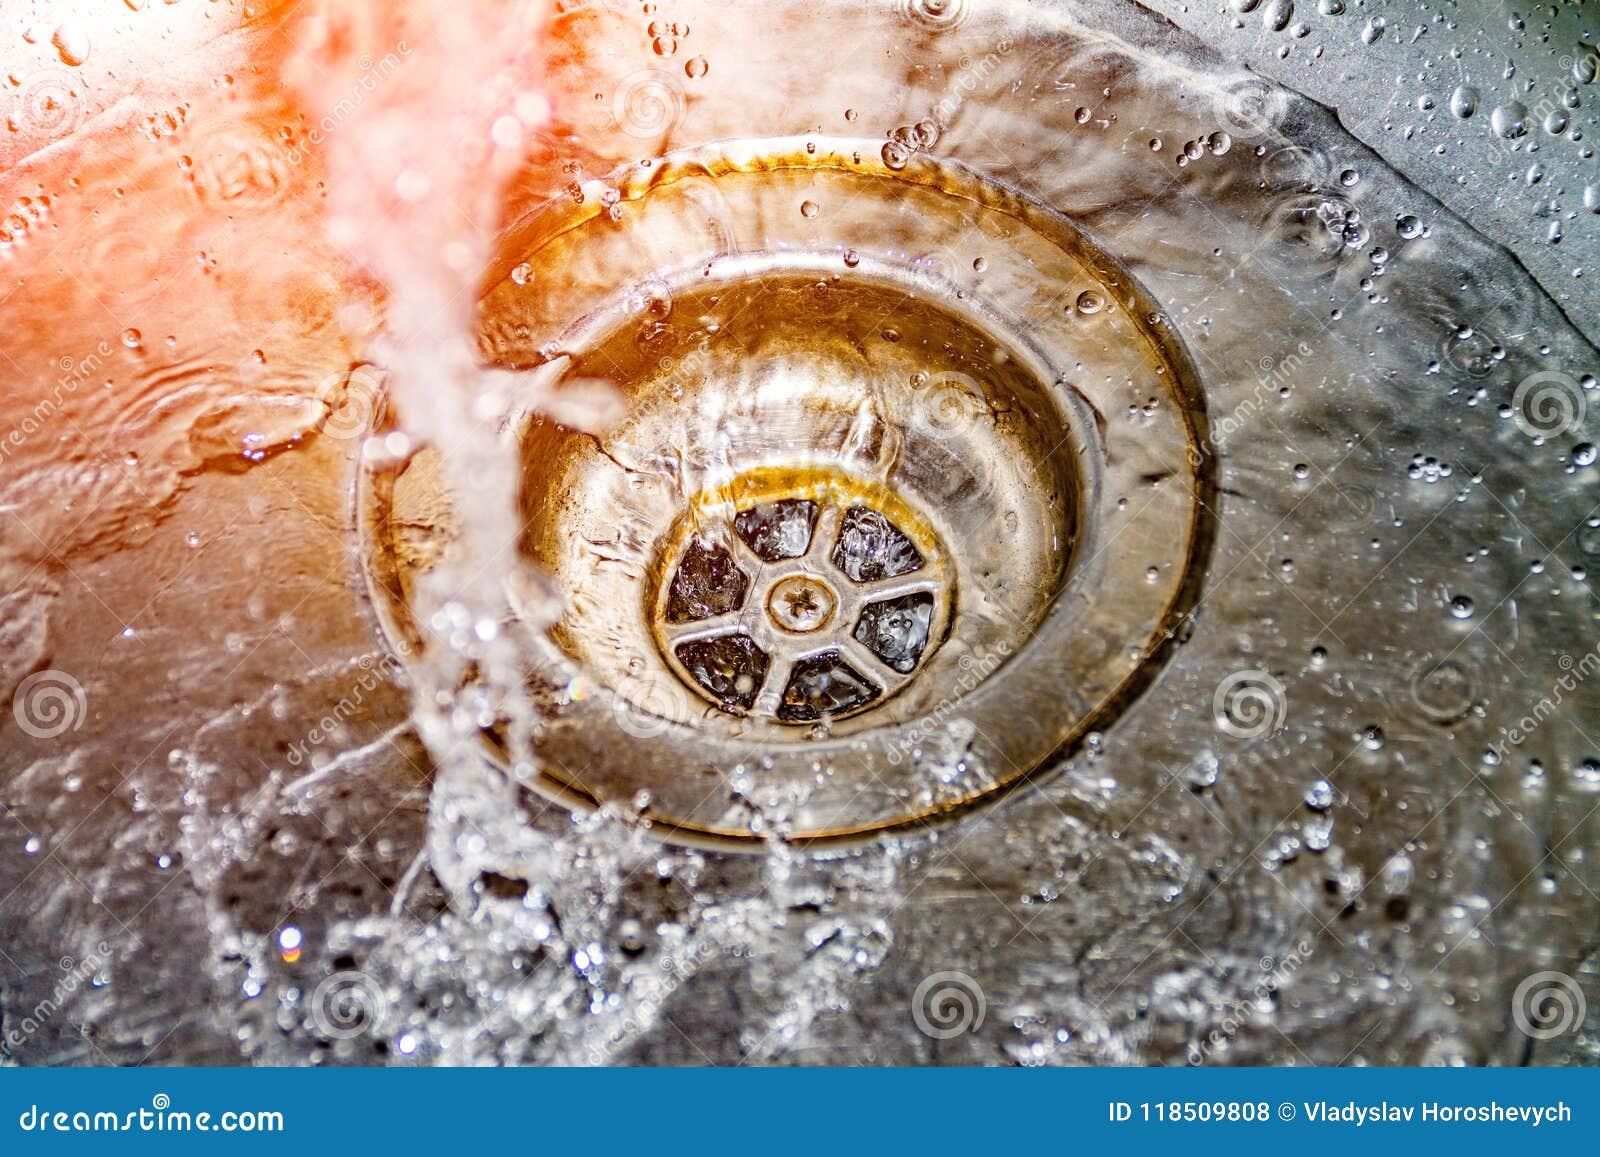 水漏入水槽,水槽,并且背景的自来水,照料水